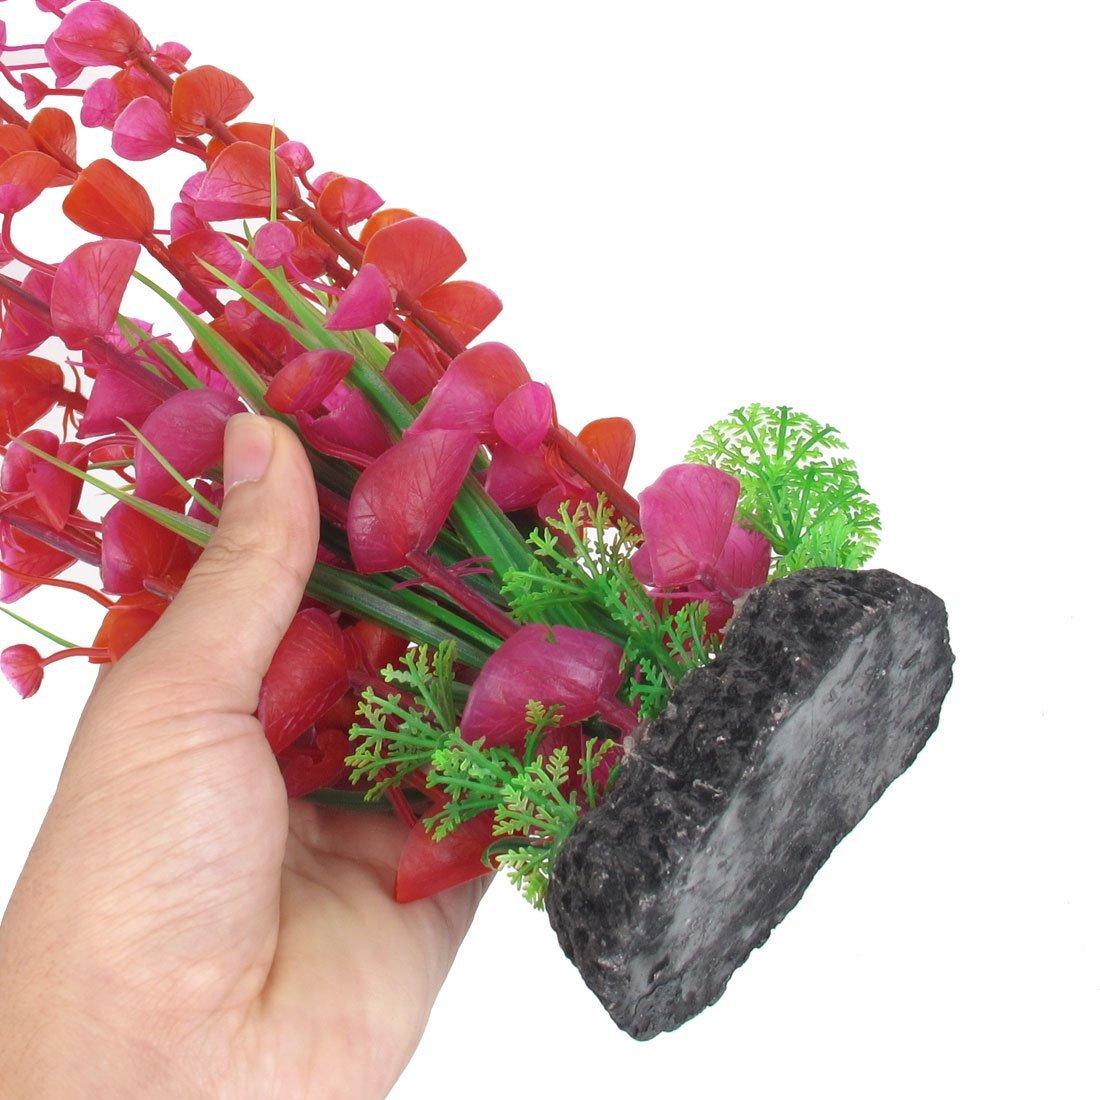 Amazon.com : eDealMax DE 3 piezas de hierba de agua de la planta del ornamento del acuario Artificial, Azul/púrpura / Rojo : Pet Supplies